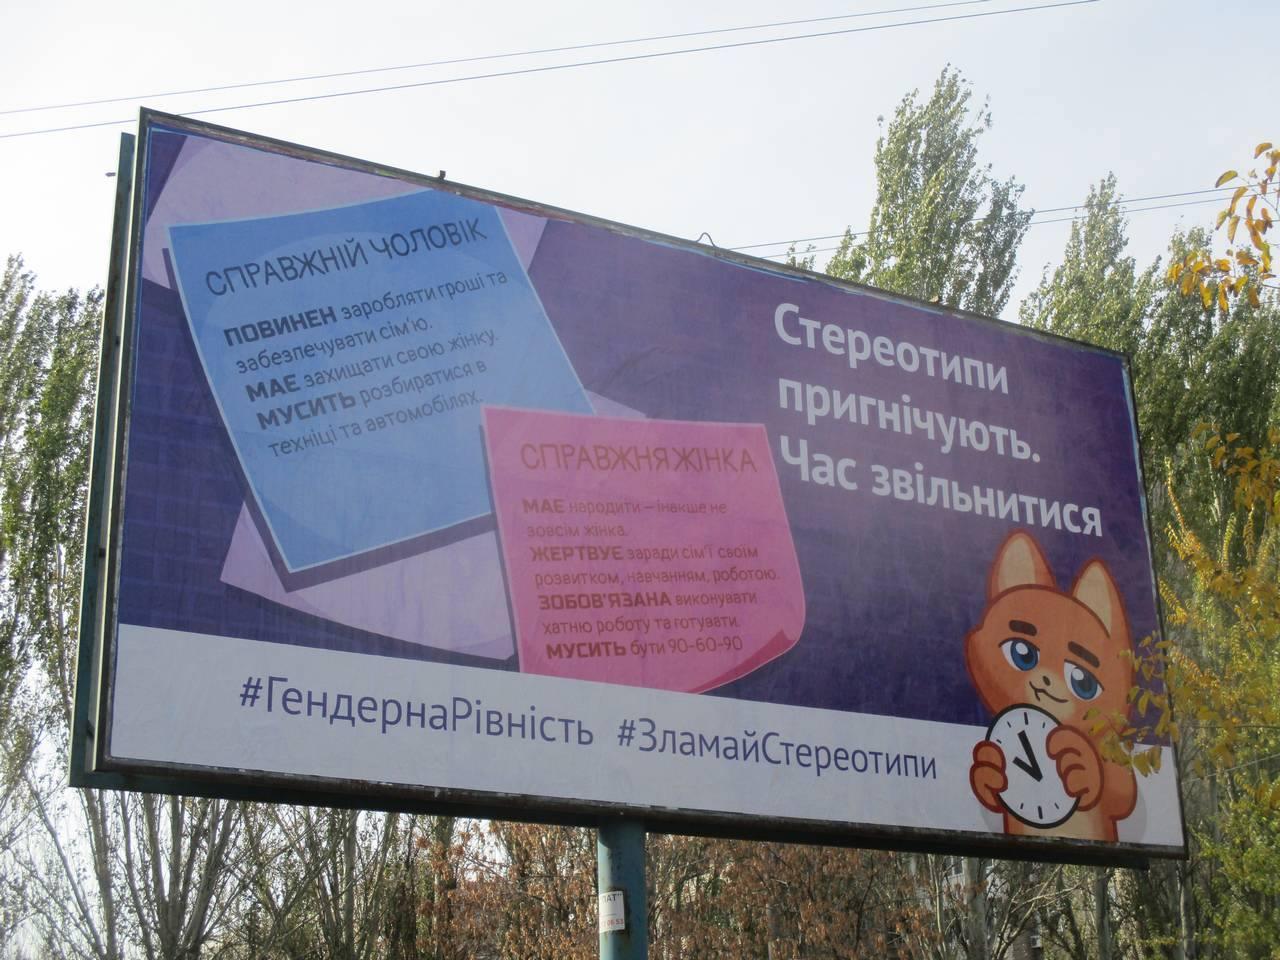 Українське суспільство закликають звільнитися від гендерних стереотипів